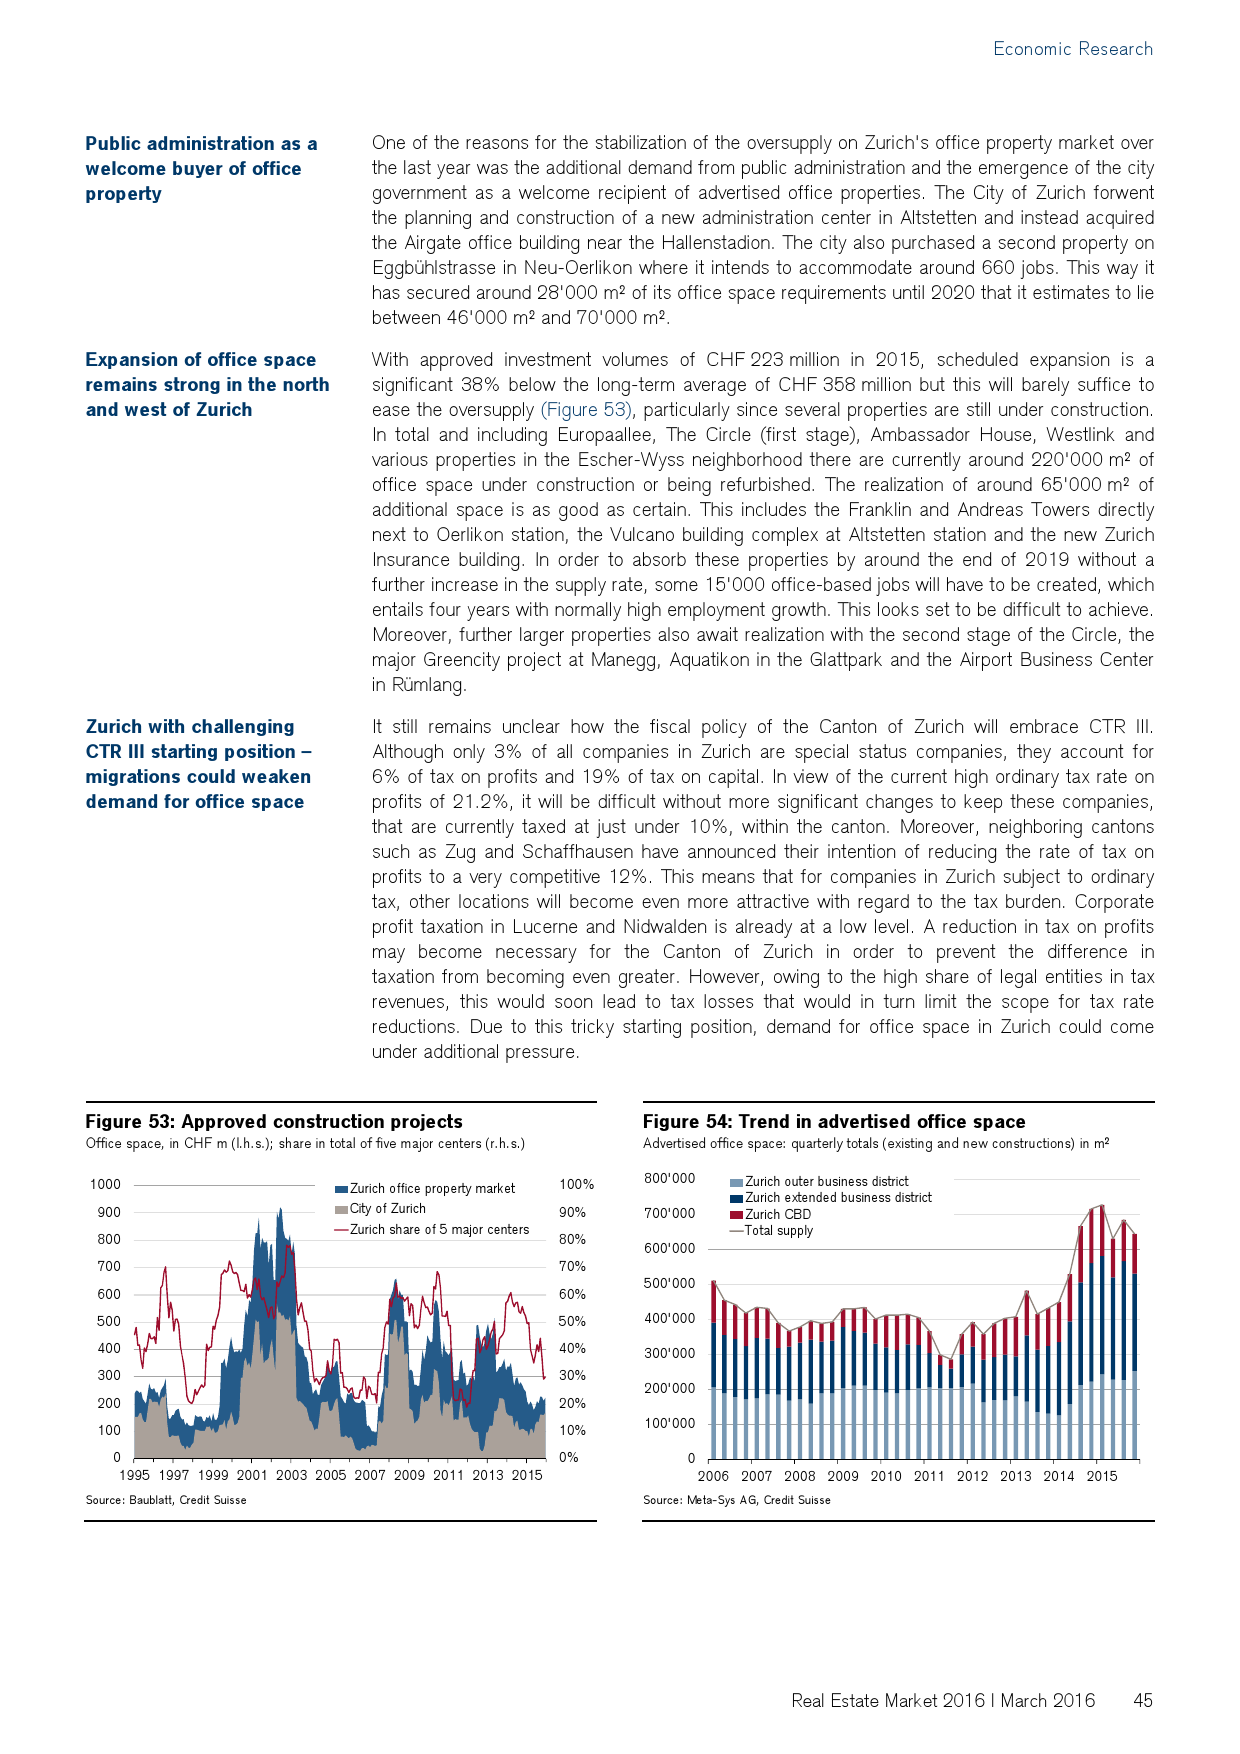 2016年瑞士房地产市场研究报告_000045